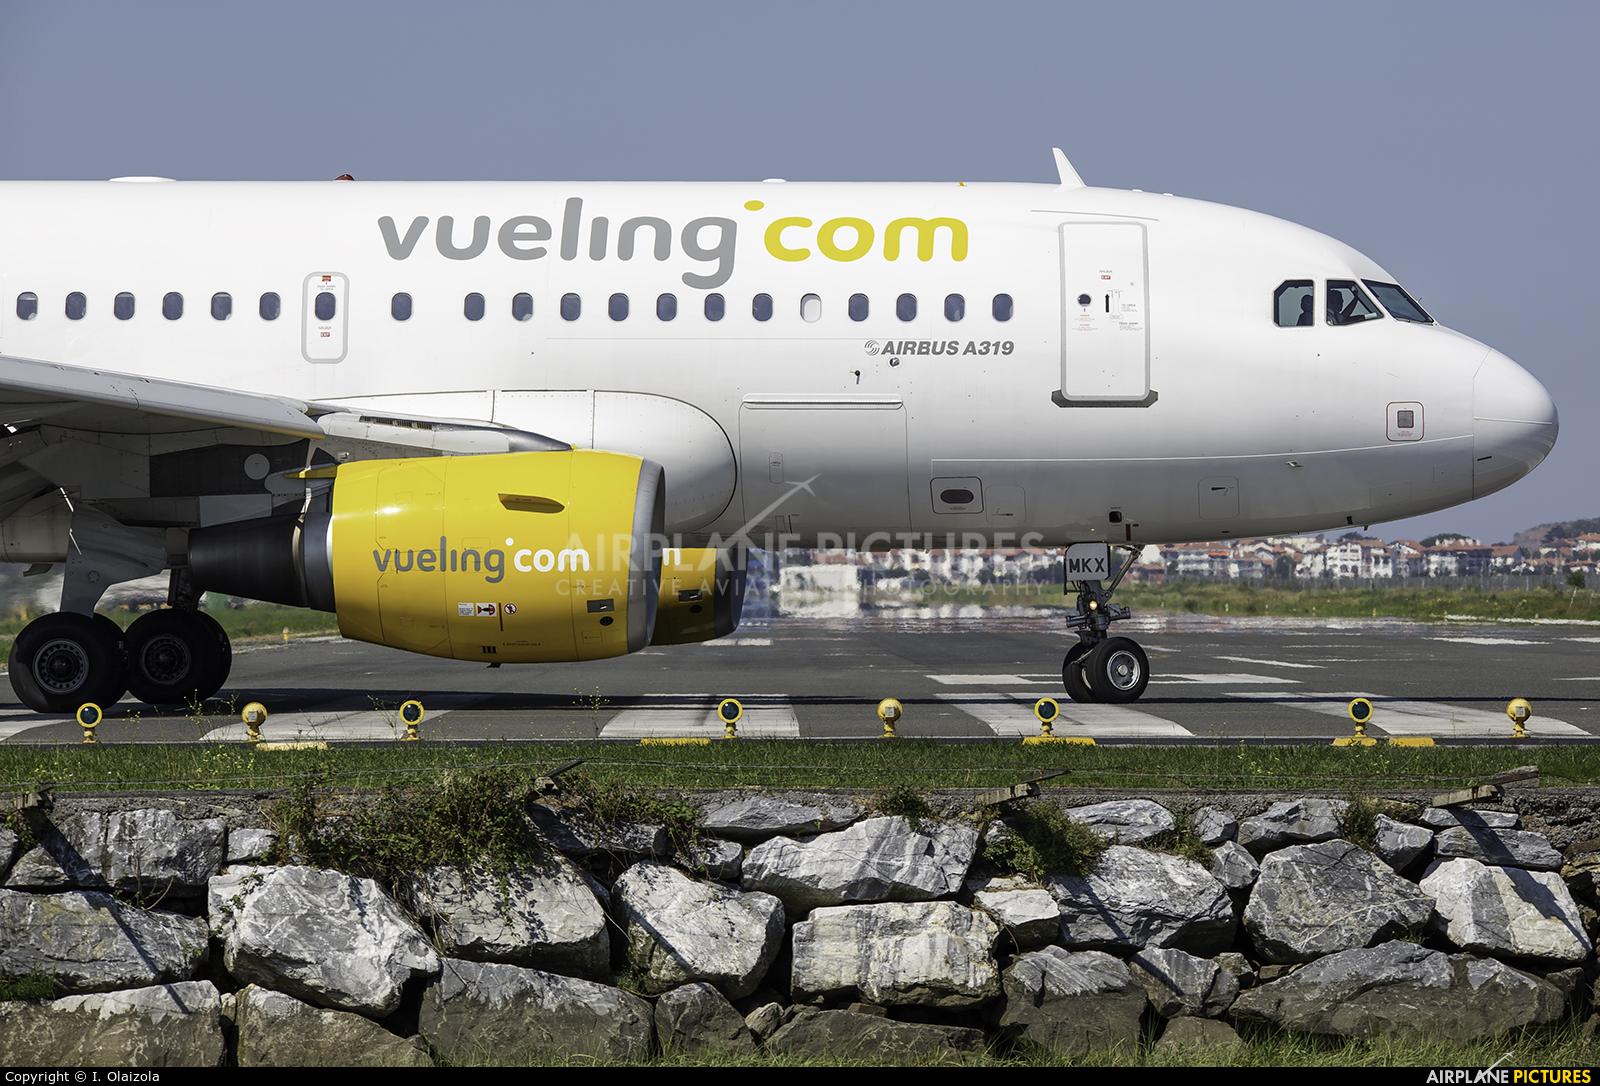 Vueling Airlines EC-MKX aircraft at San Sebastian